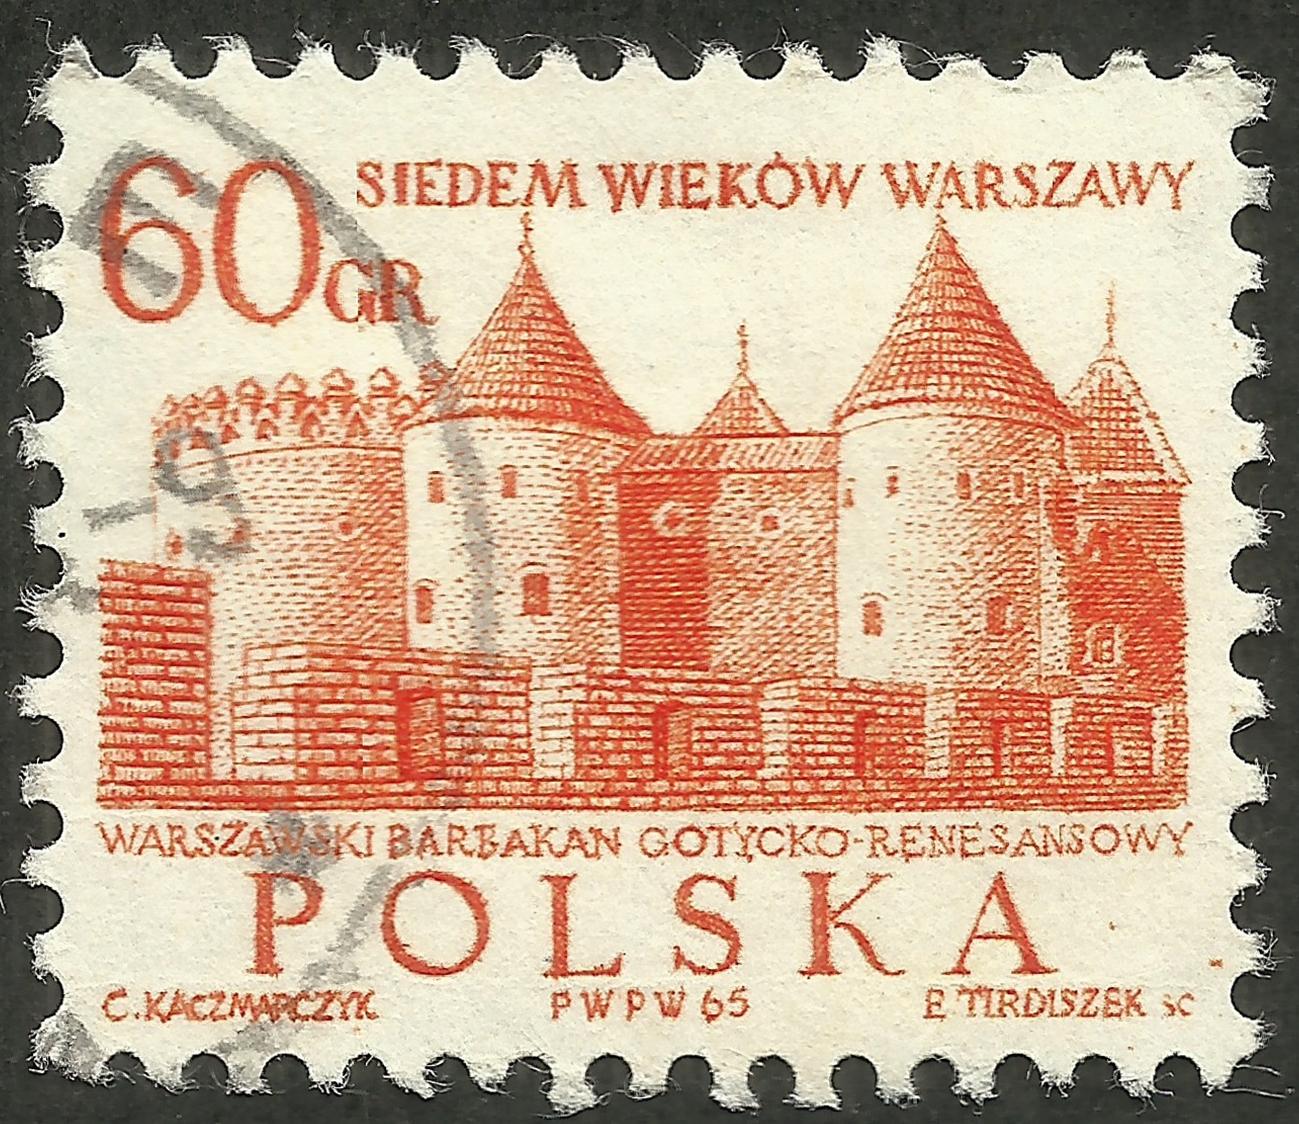 Poland #1338 (1965)